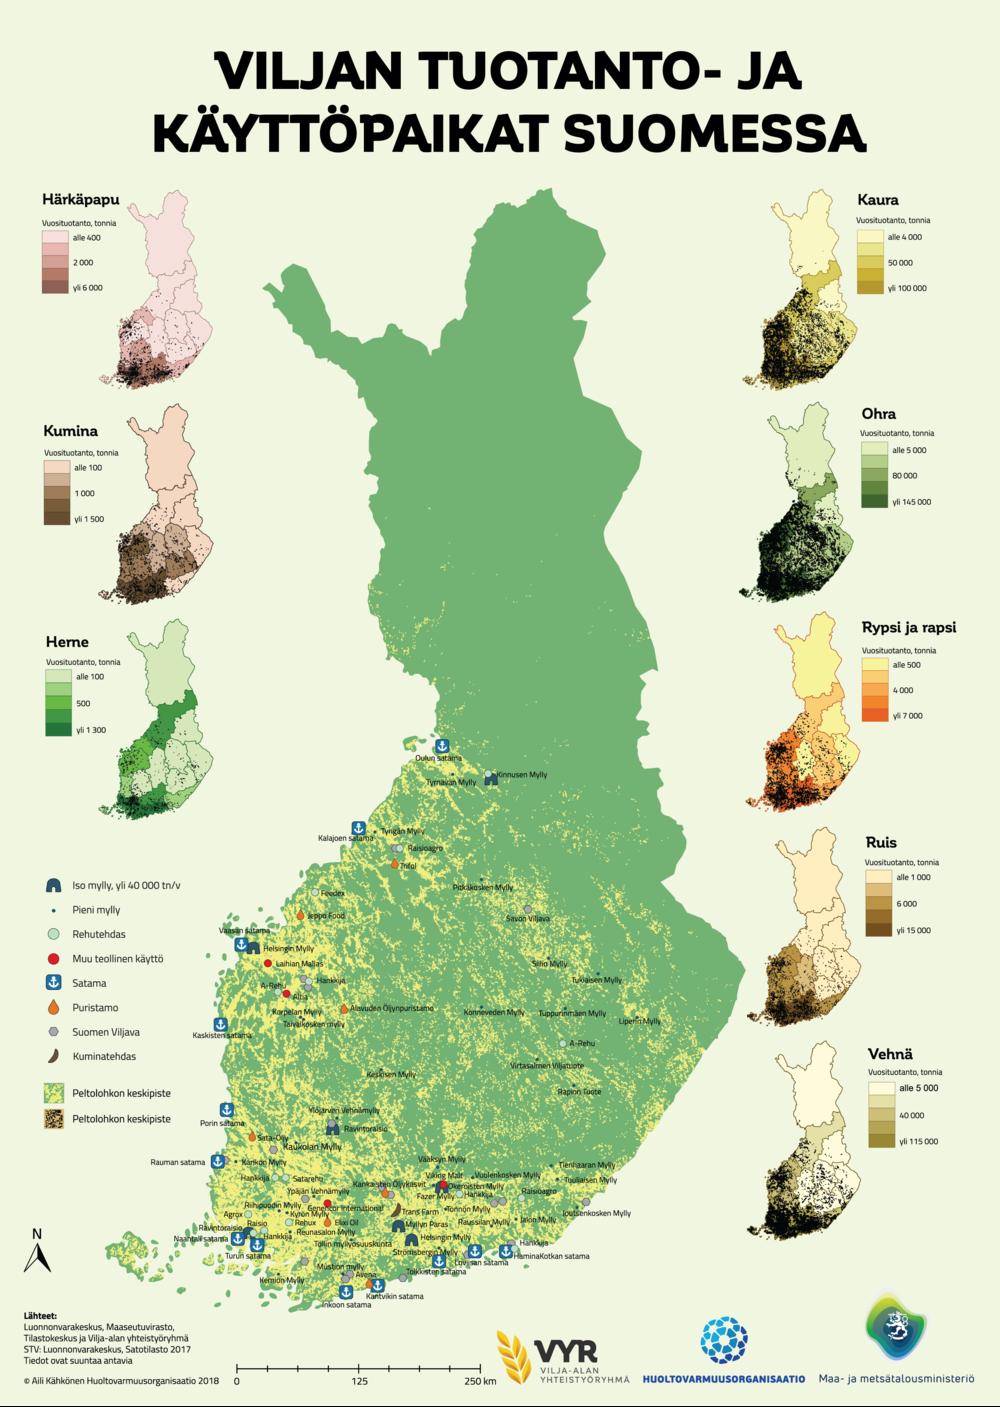 Viljan tuotanto ja käyttöpaikat Suomessa 2018